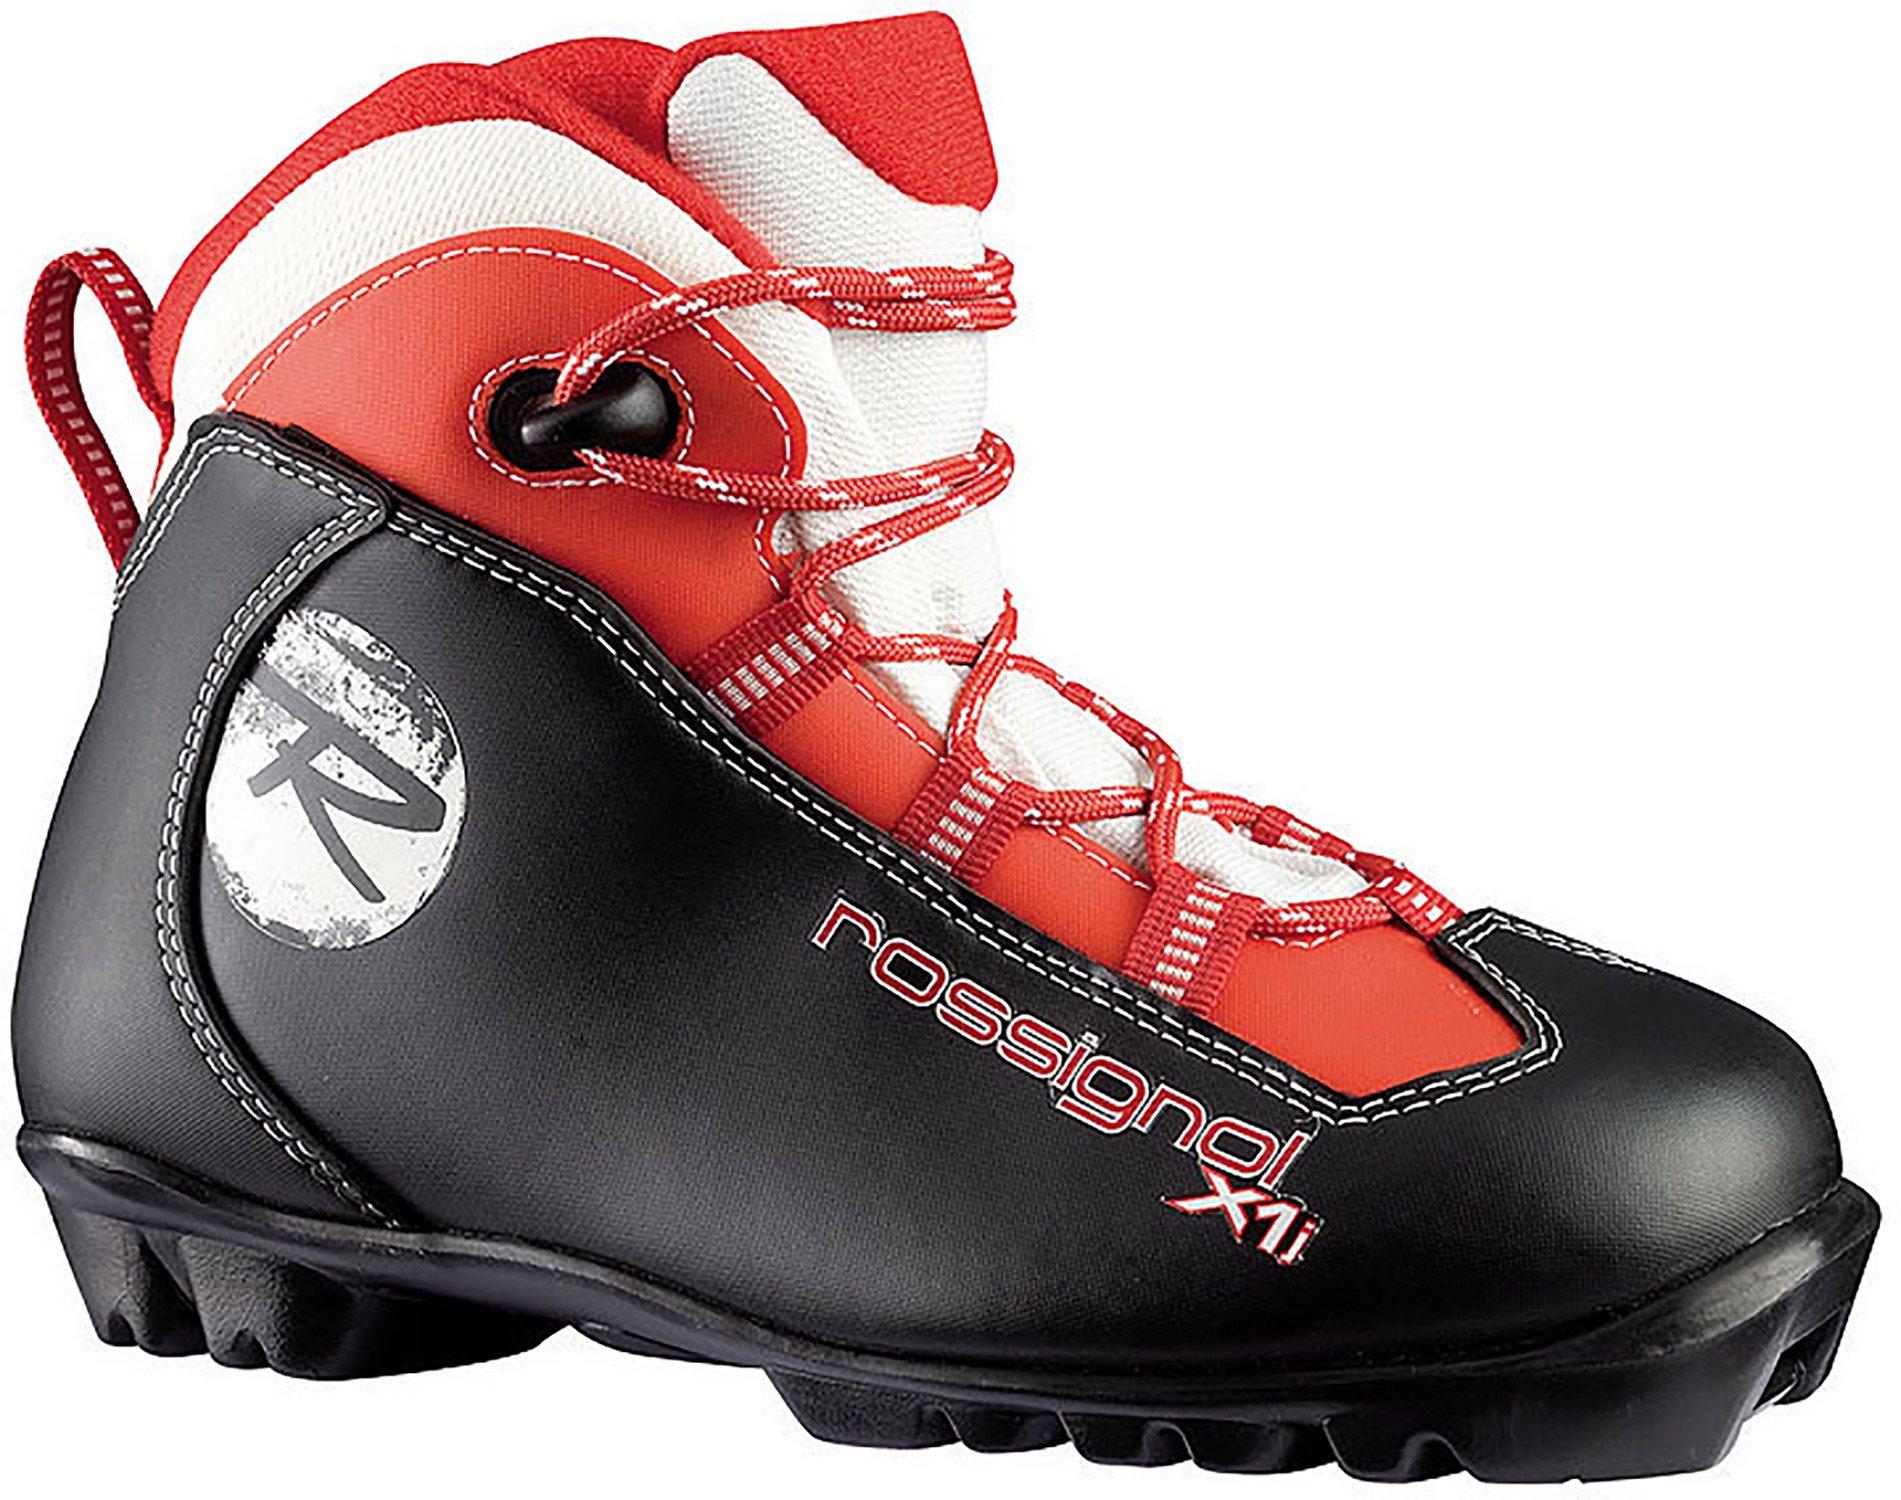 Rossignol X-1 Jr XC Ski Boots Sz 6.5 Kids